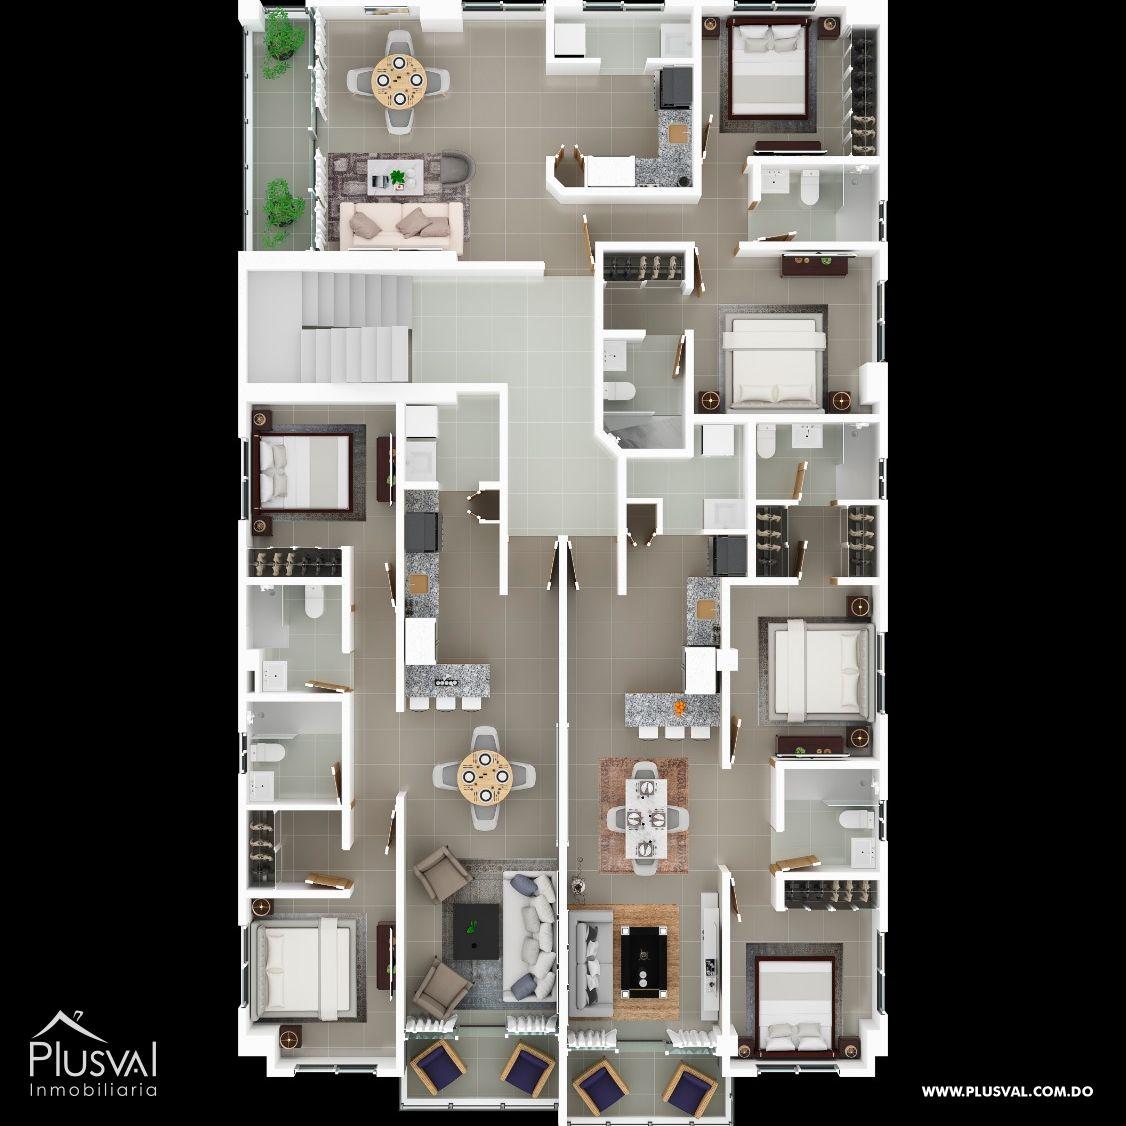 Proyecto residencial en venta, Urb. Tropical 173420